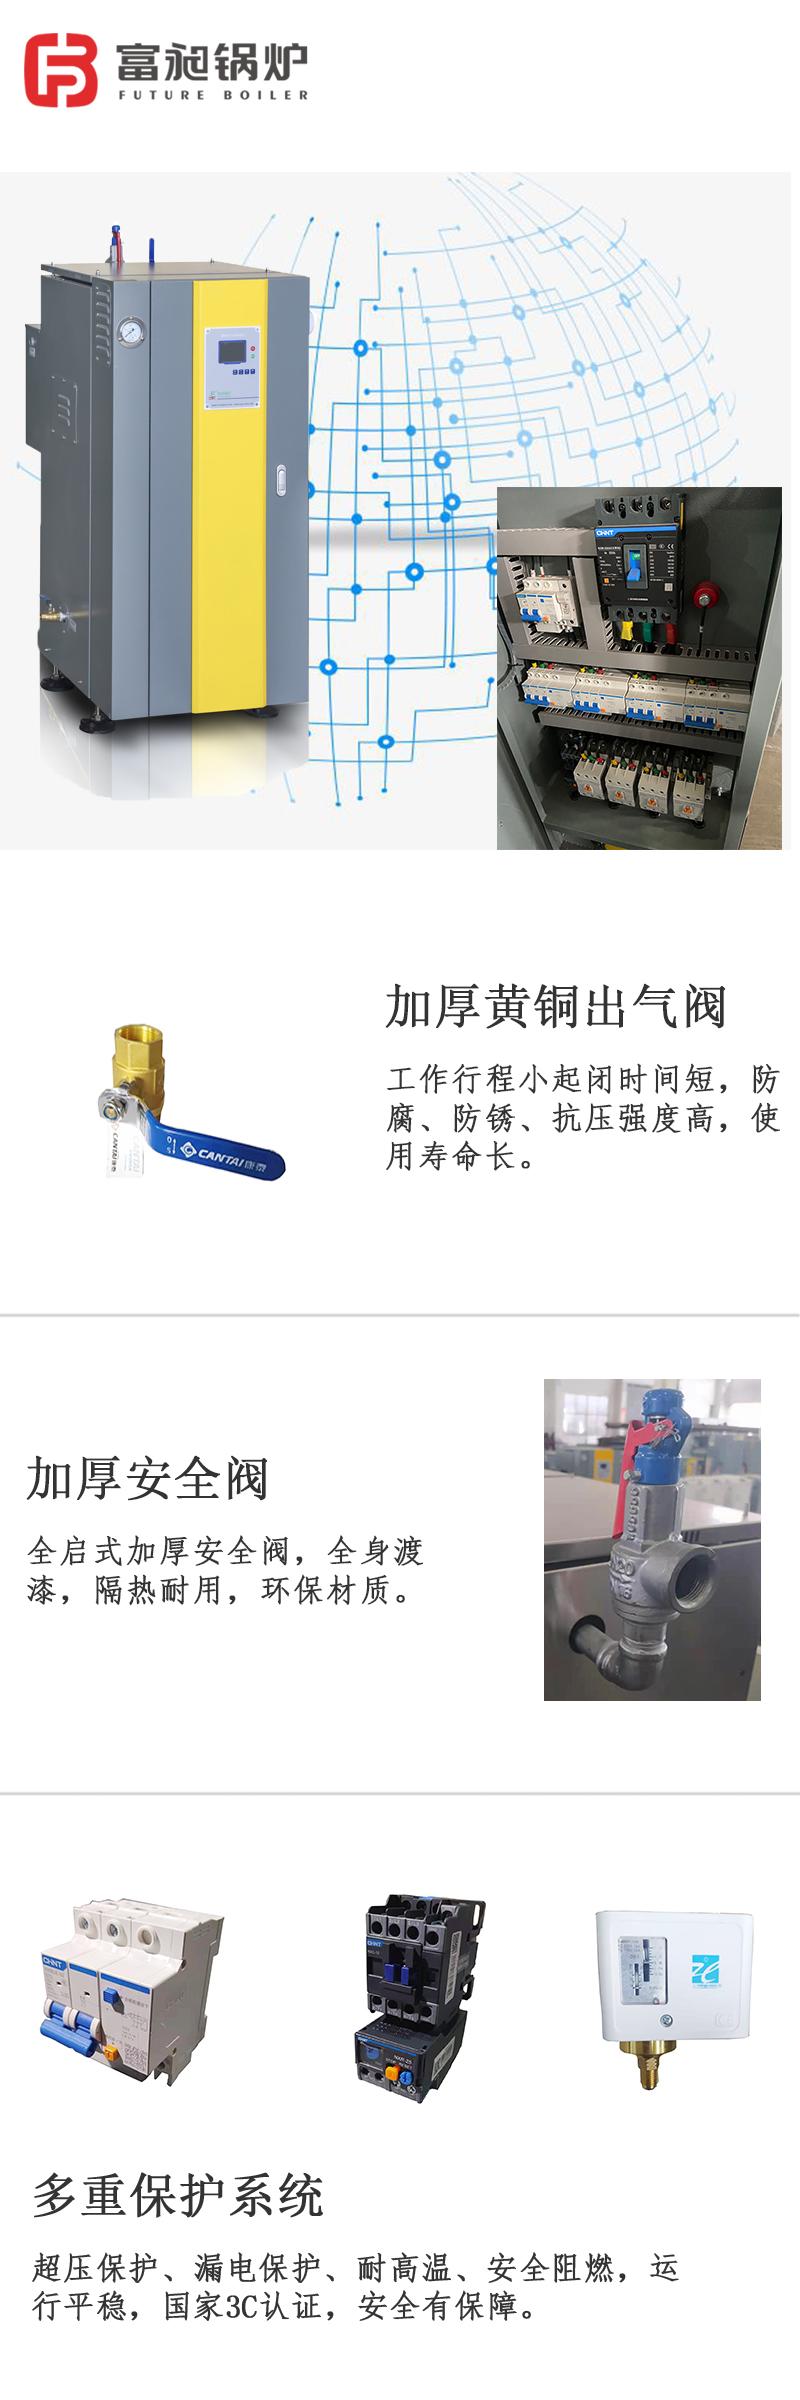 60KW蒸汽发生器,  电蒸汽锅炉,电蒸汽锅炉,159417025